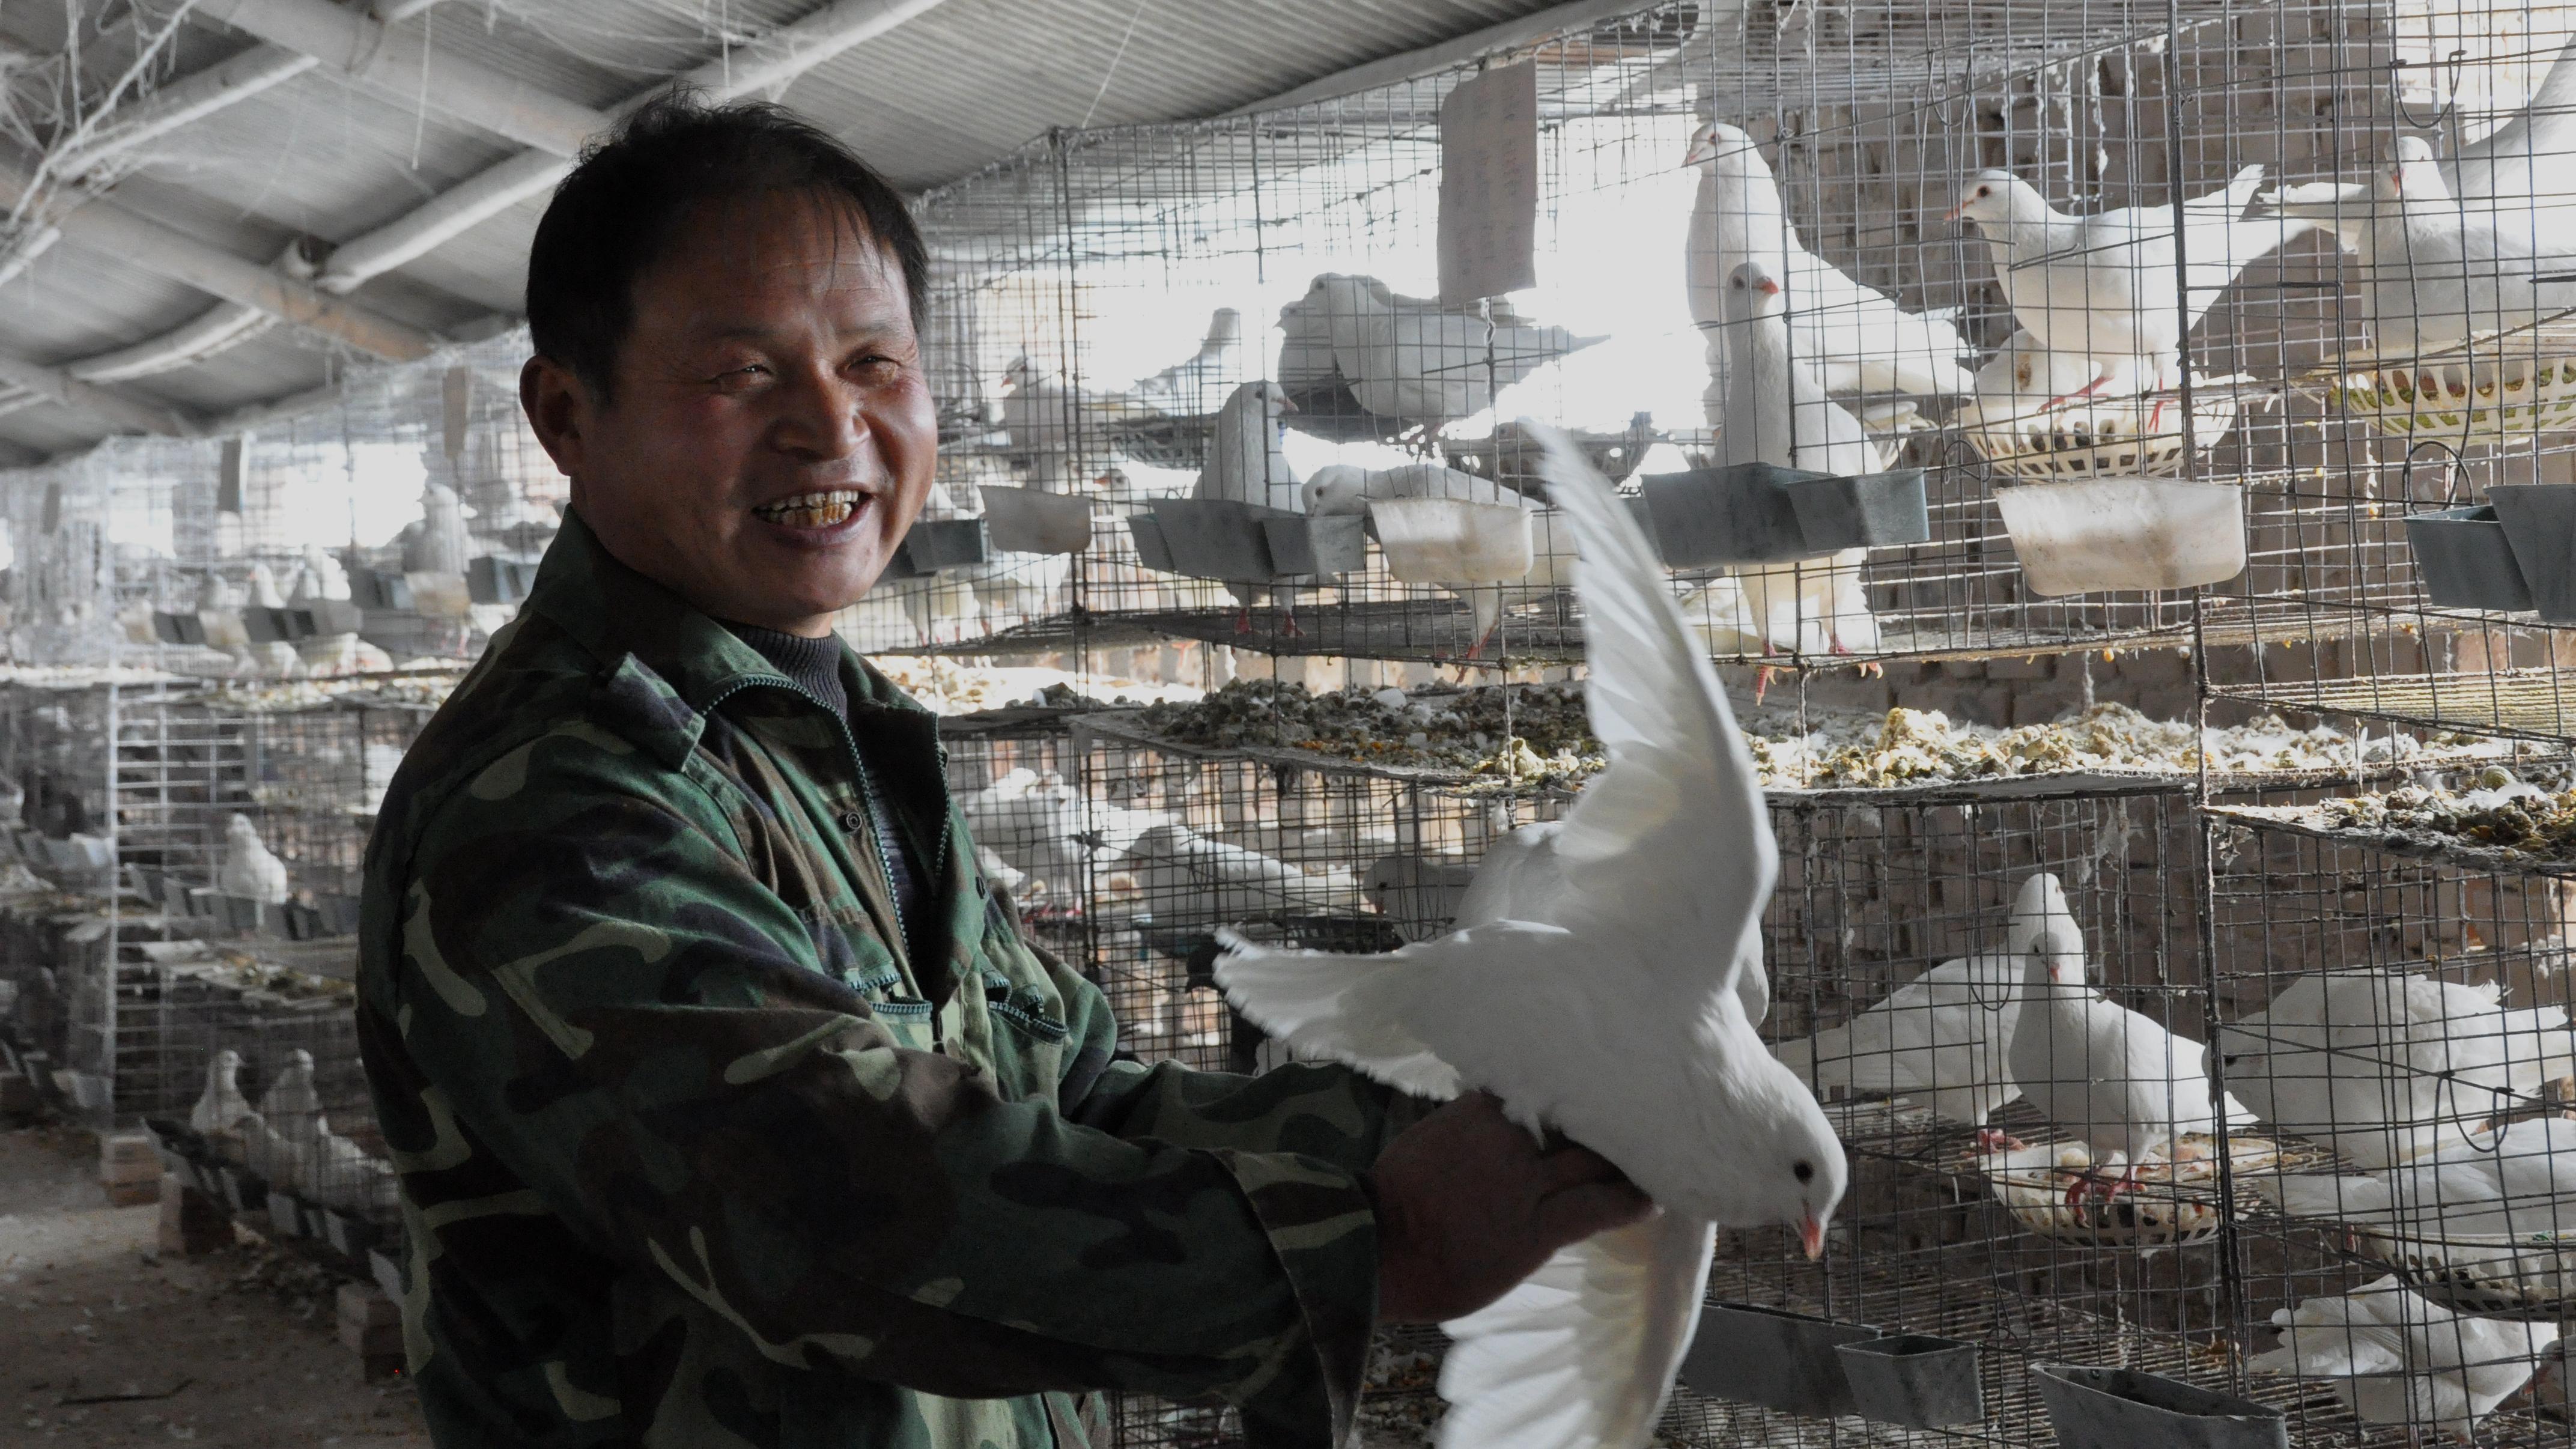 四通镇中营子行政村村民张卓强靠养殖肉鸽脱了贫。过去年人均收入不足千元,现在年人均收入近万元,一举摘掉了贫困户的帽子。  杜欣   摄